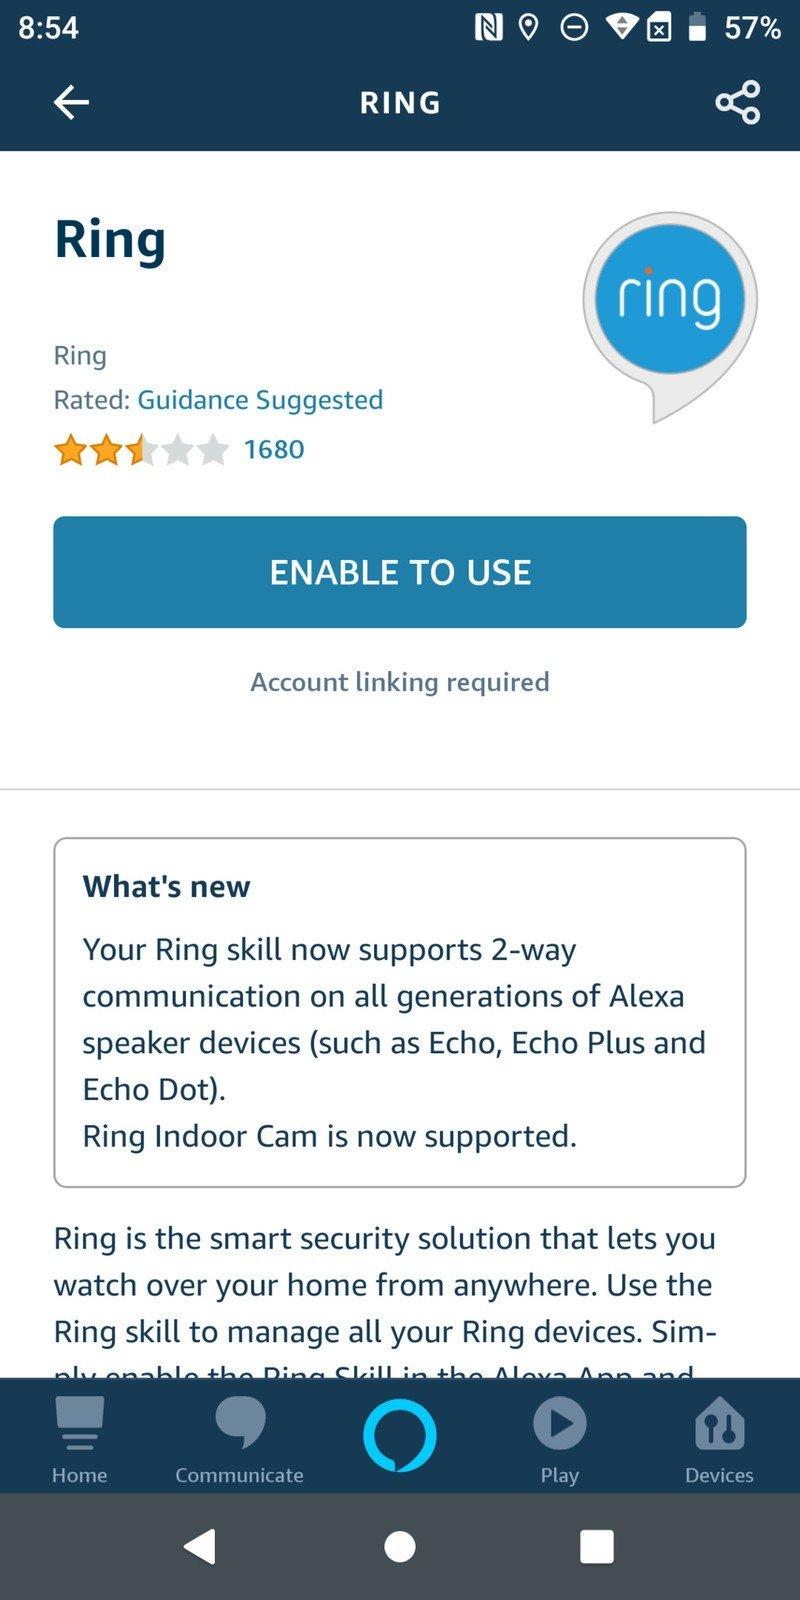 alexa-skills-ring.jpg?itok=9hisw2Qz